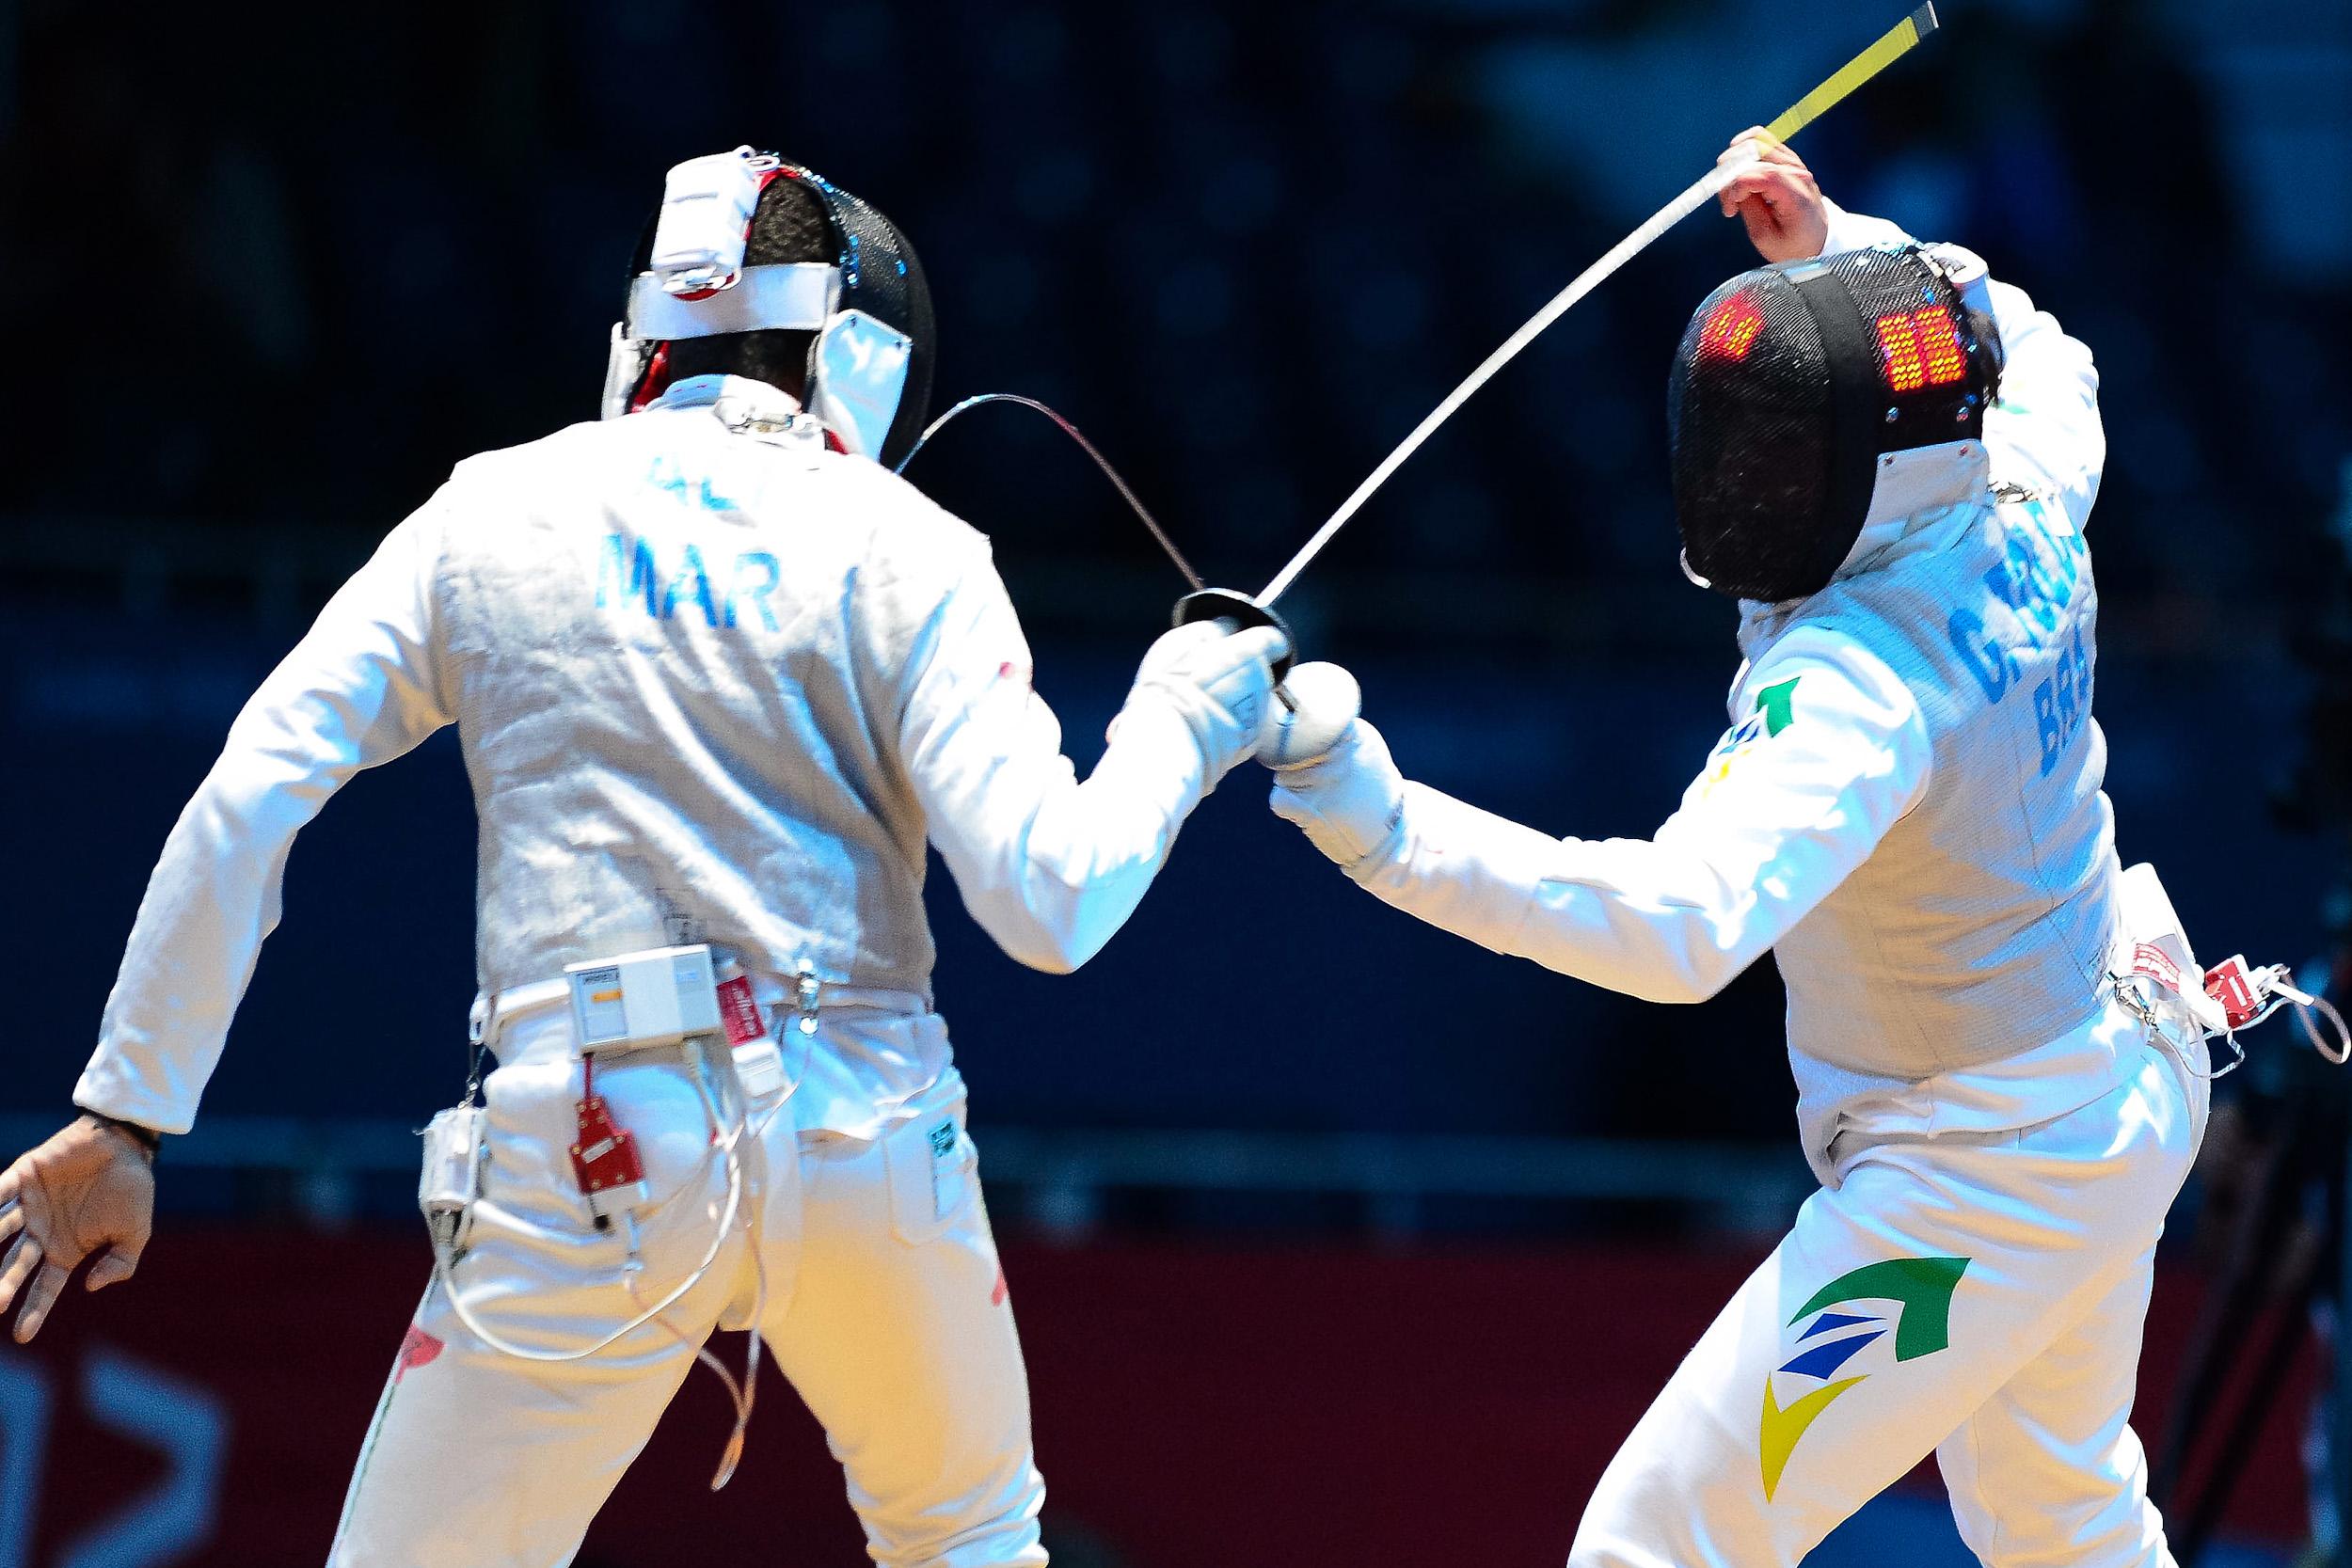 Quatro anos em um dia: faltando pouco tempo para os Jogos de Tóquio, Guilherme Toldo fala sobre a pressão de disputar uma Olimpíada